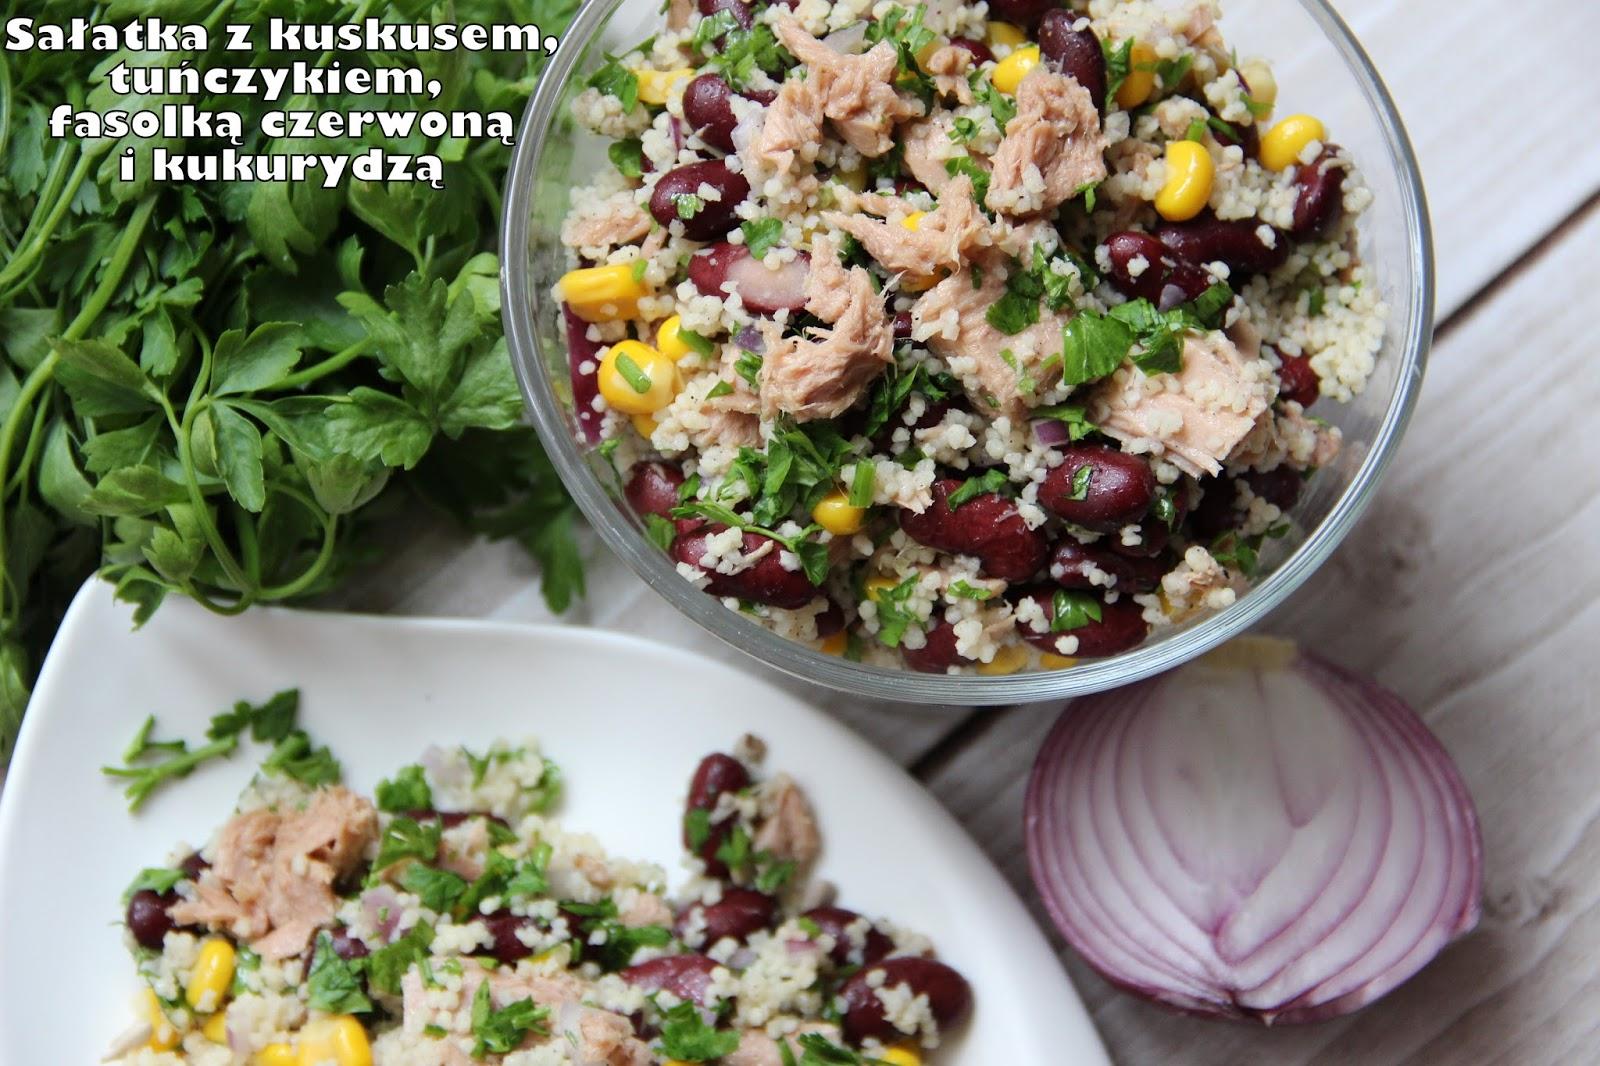 Ugotowac Blogspot Com Salatka Z Kuskusem Tunczykiem Czerwona